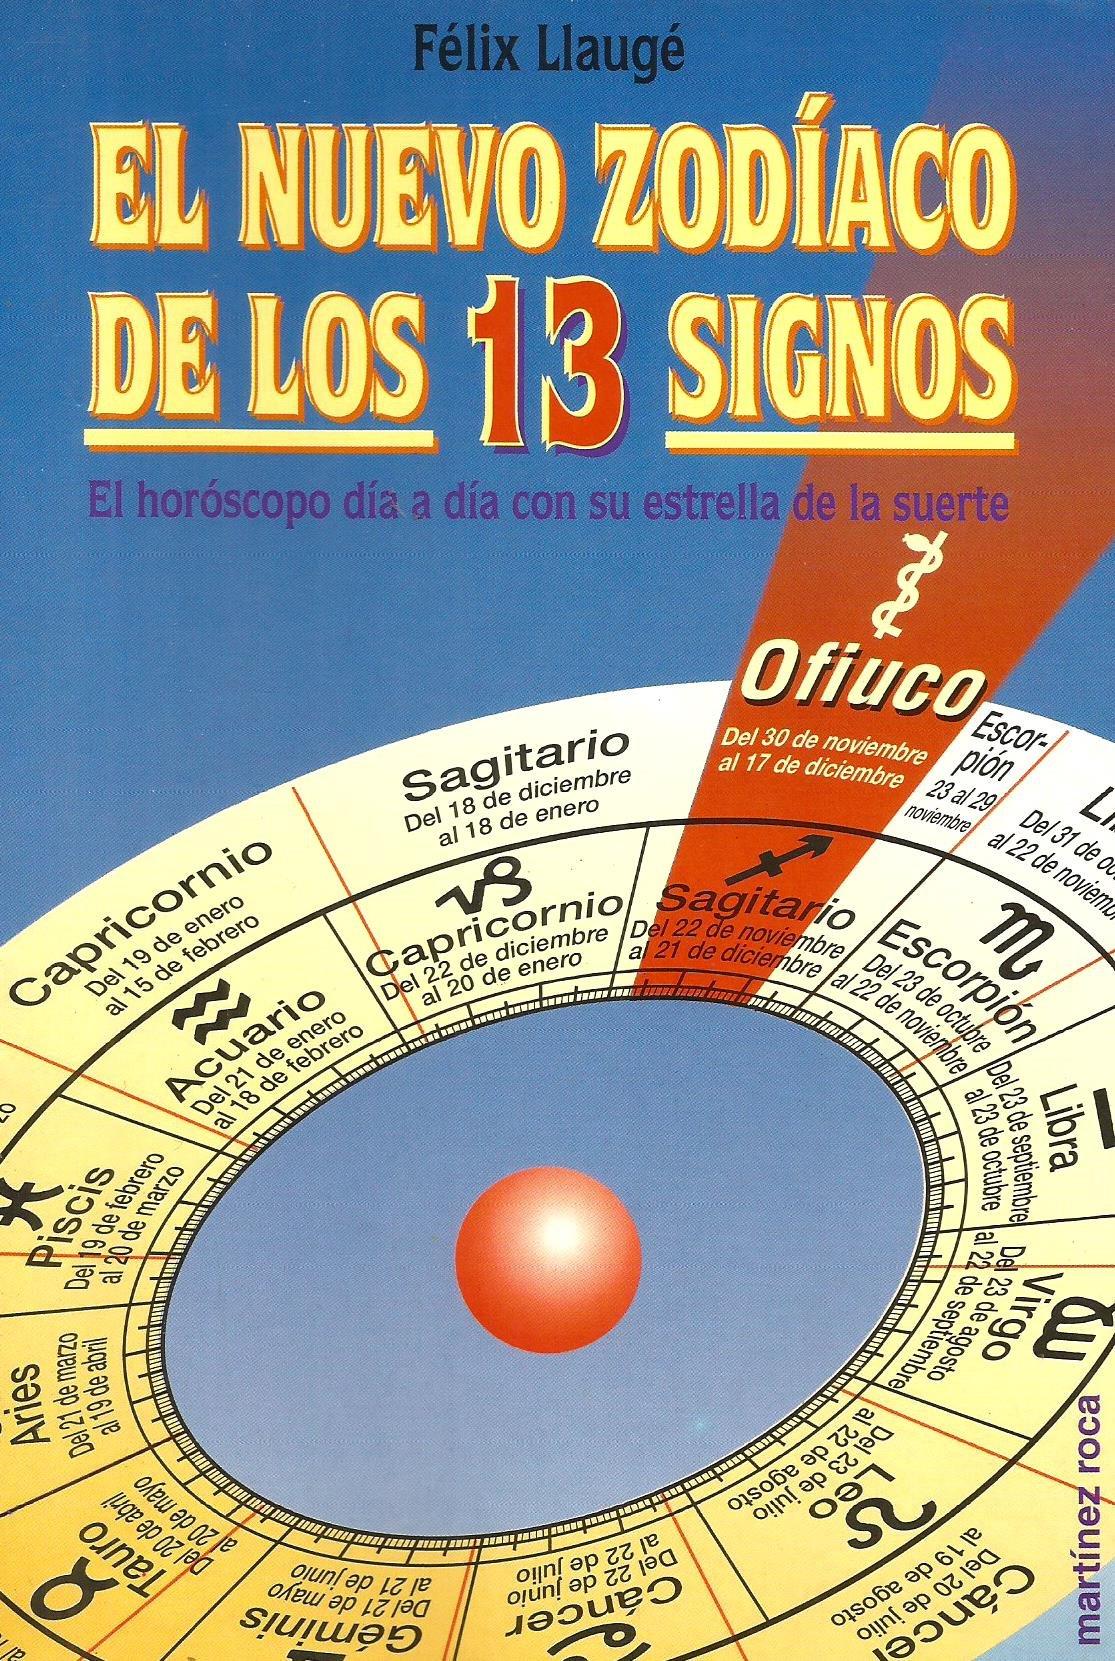 Nuevo Zodiaco De Los 13 Signos Felix Llauge 9788427020306